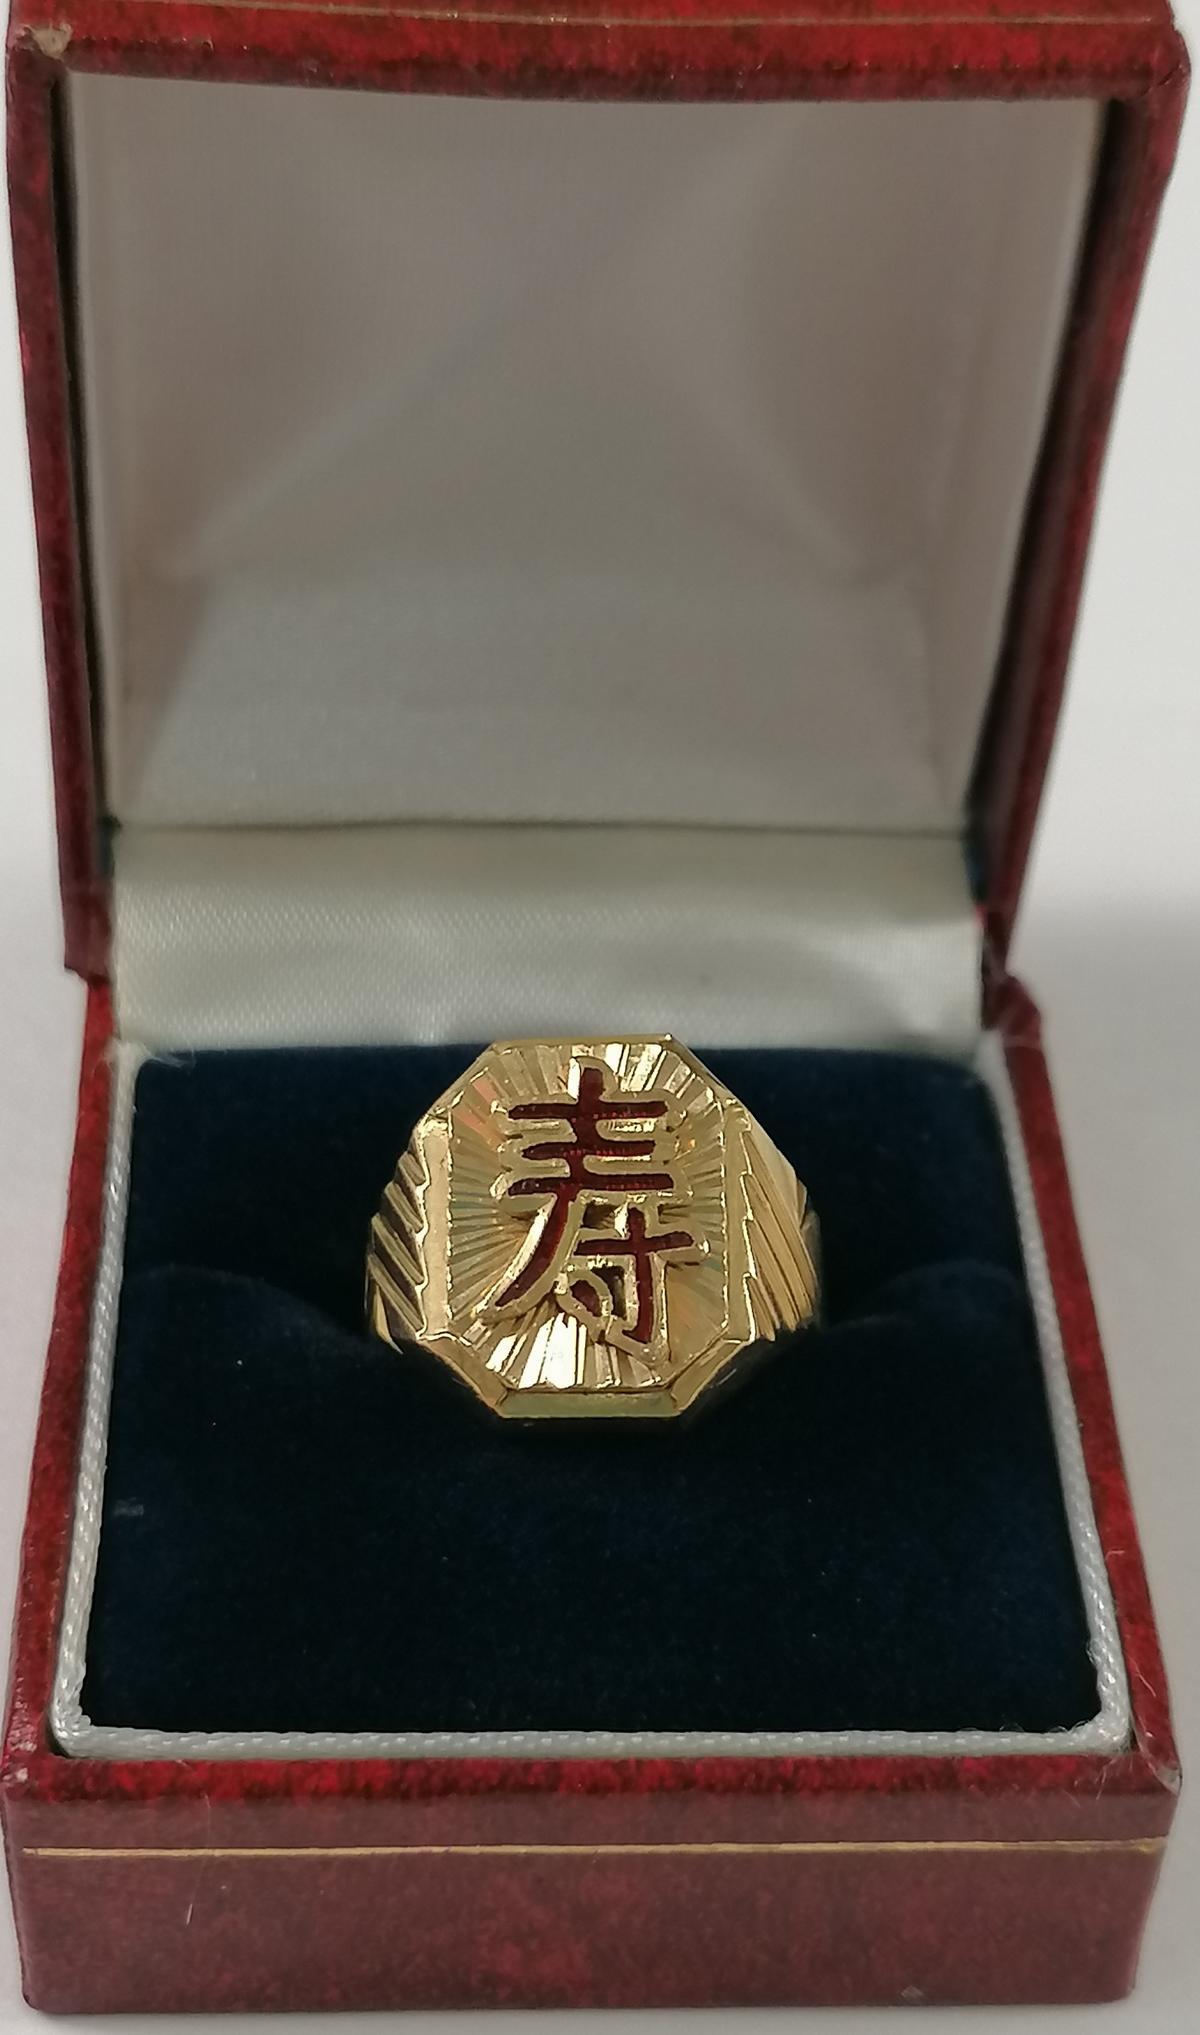 22 Karat Gelbgold-Siegelring mit dem chinesischen Schriftzeichen für 'Langes Leben'-2